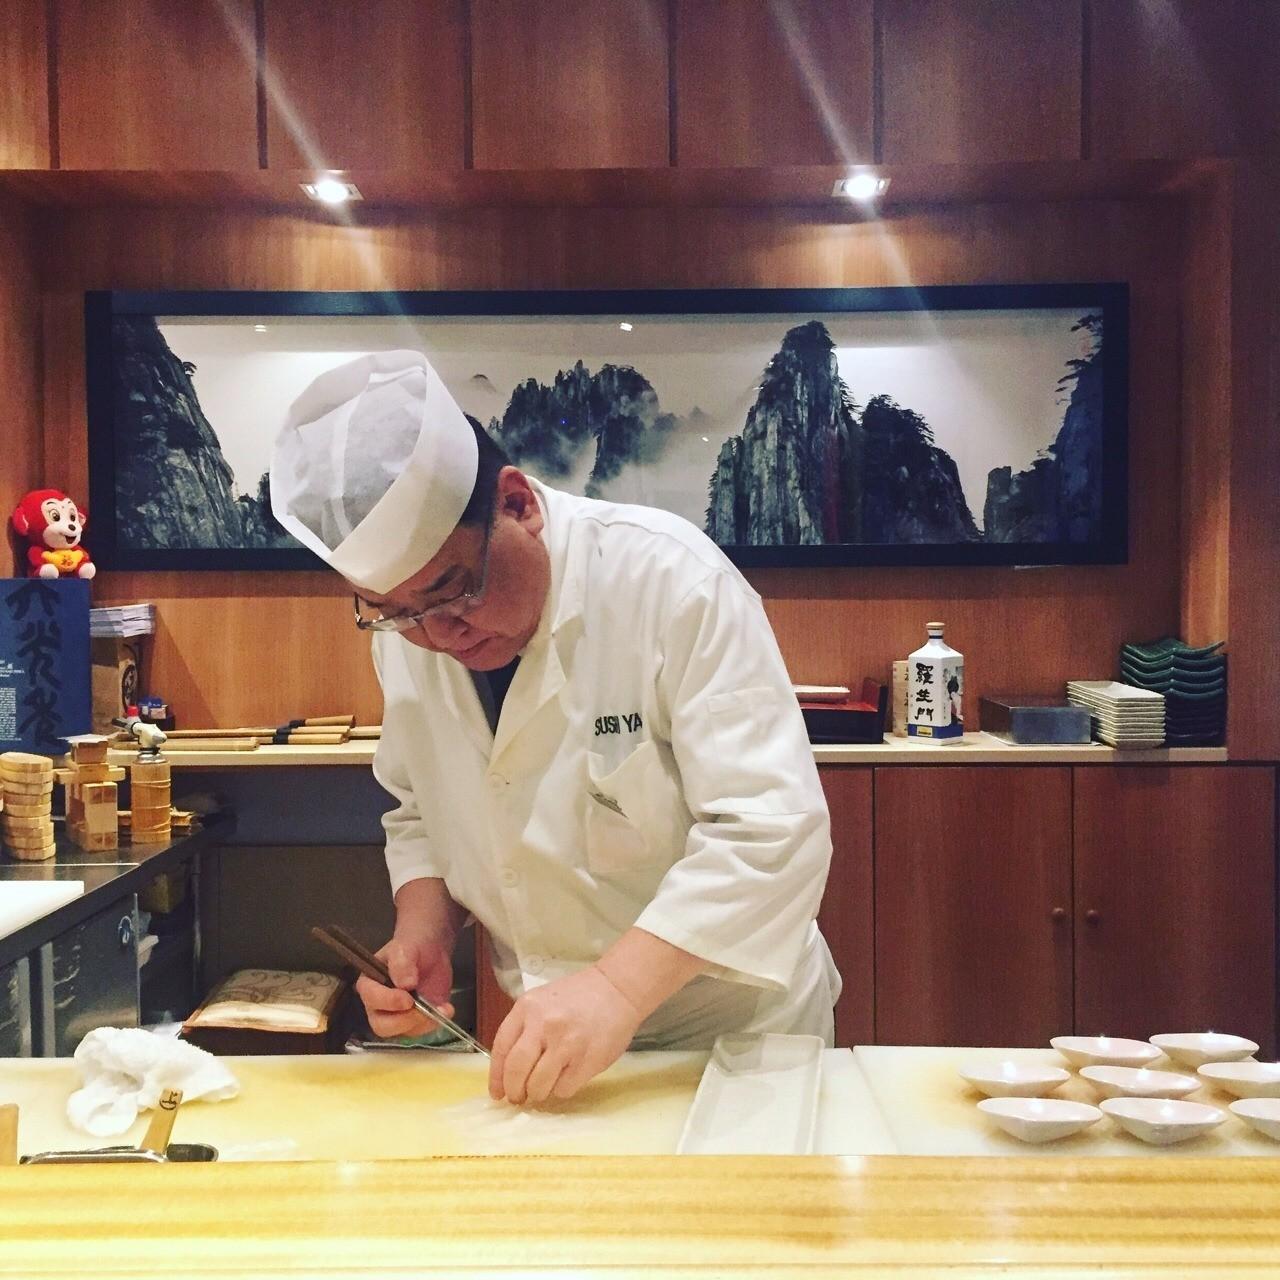 唯一摘得米其林二星的本帮菜、最顶级的空气寿司......永福路:我们只推这四家!(文末福利)